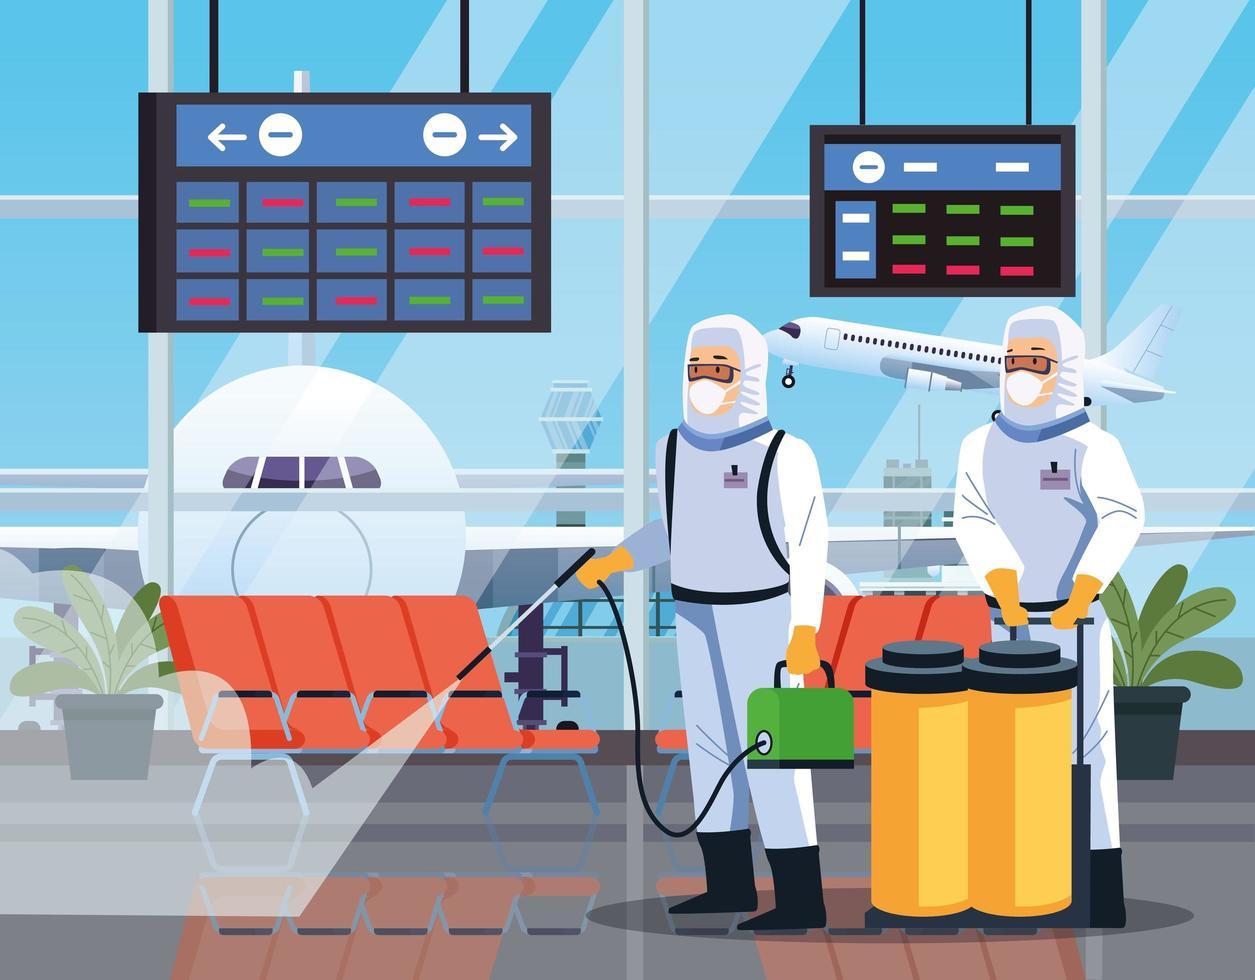 algunos trabajadores de bioseguridad desinfectan el aeropuerto por coronavirus vector